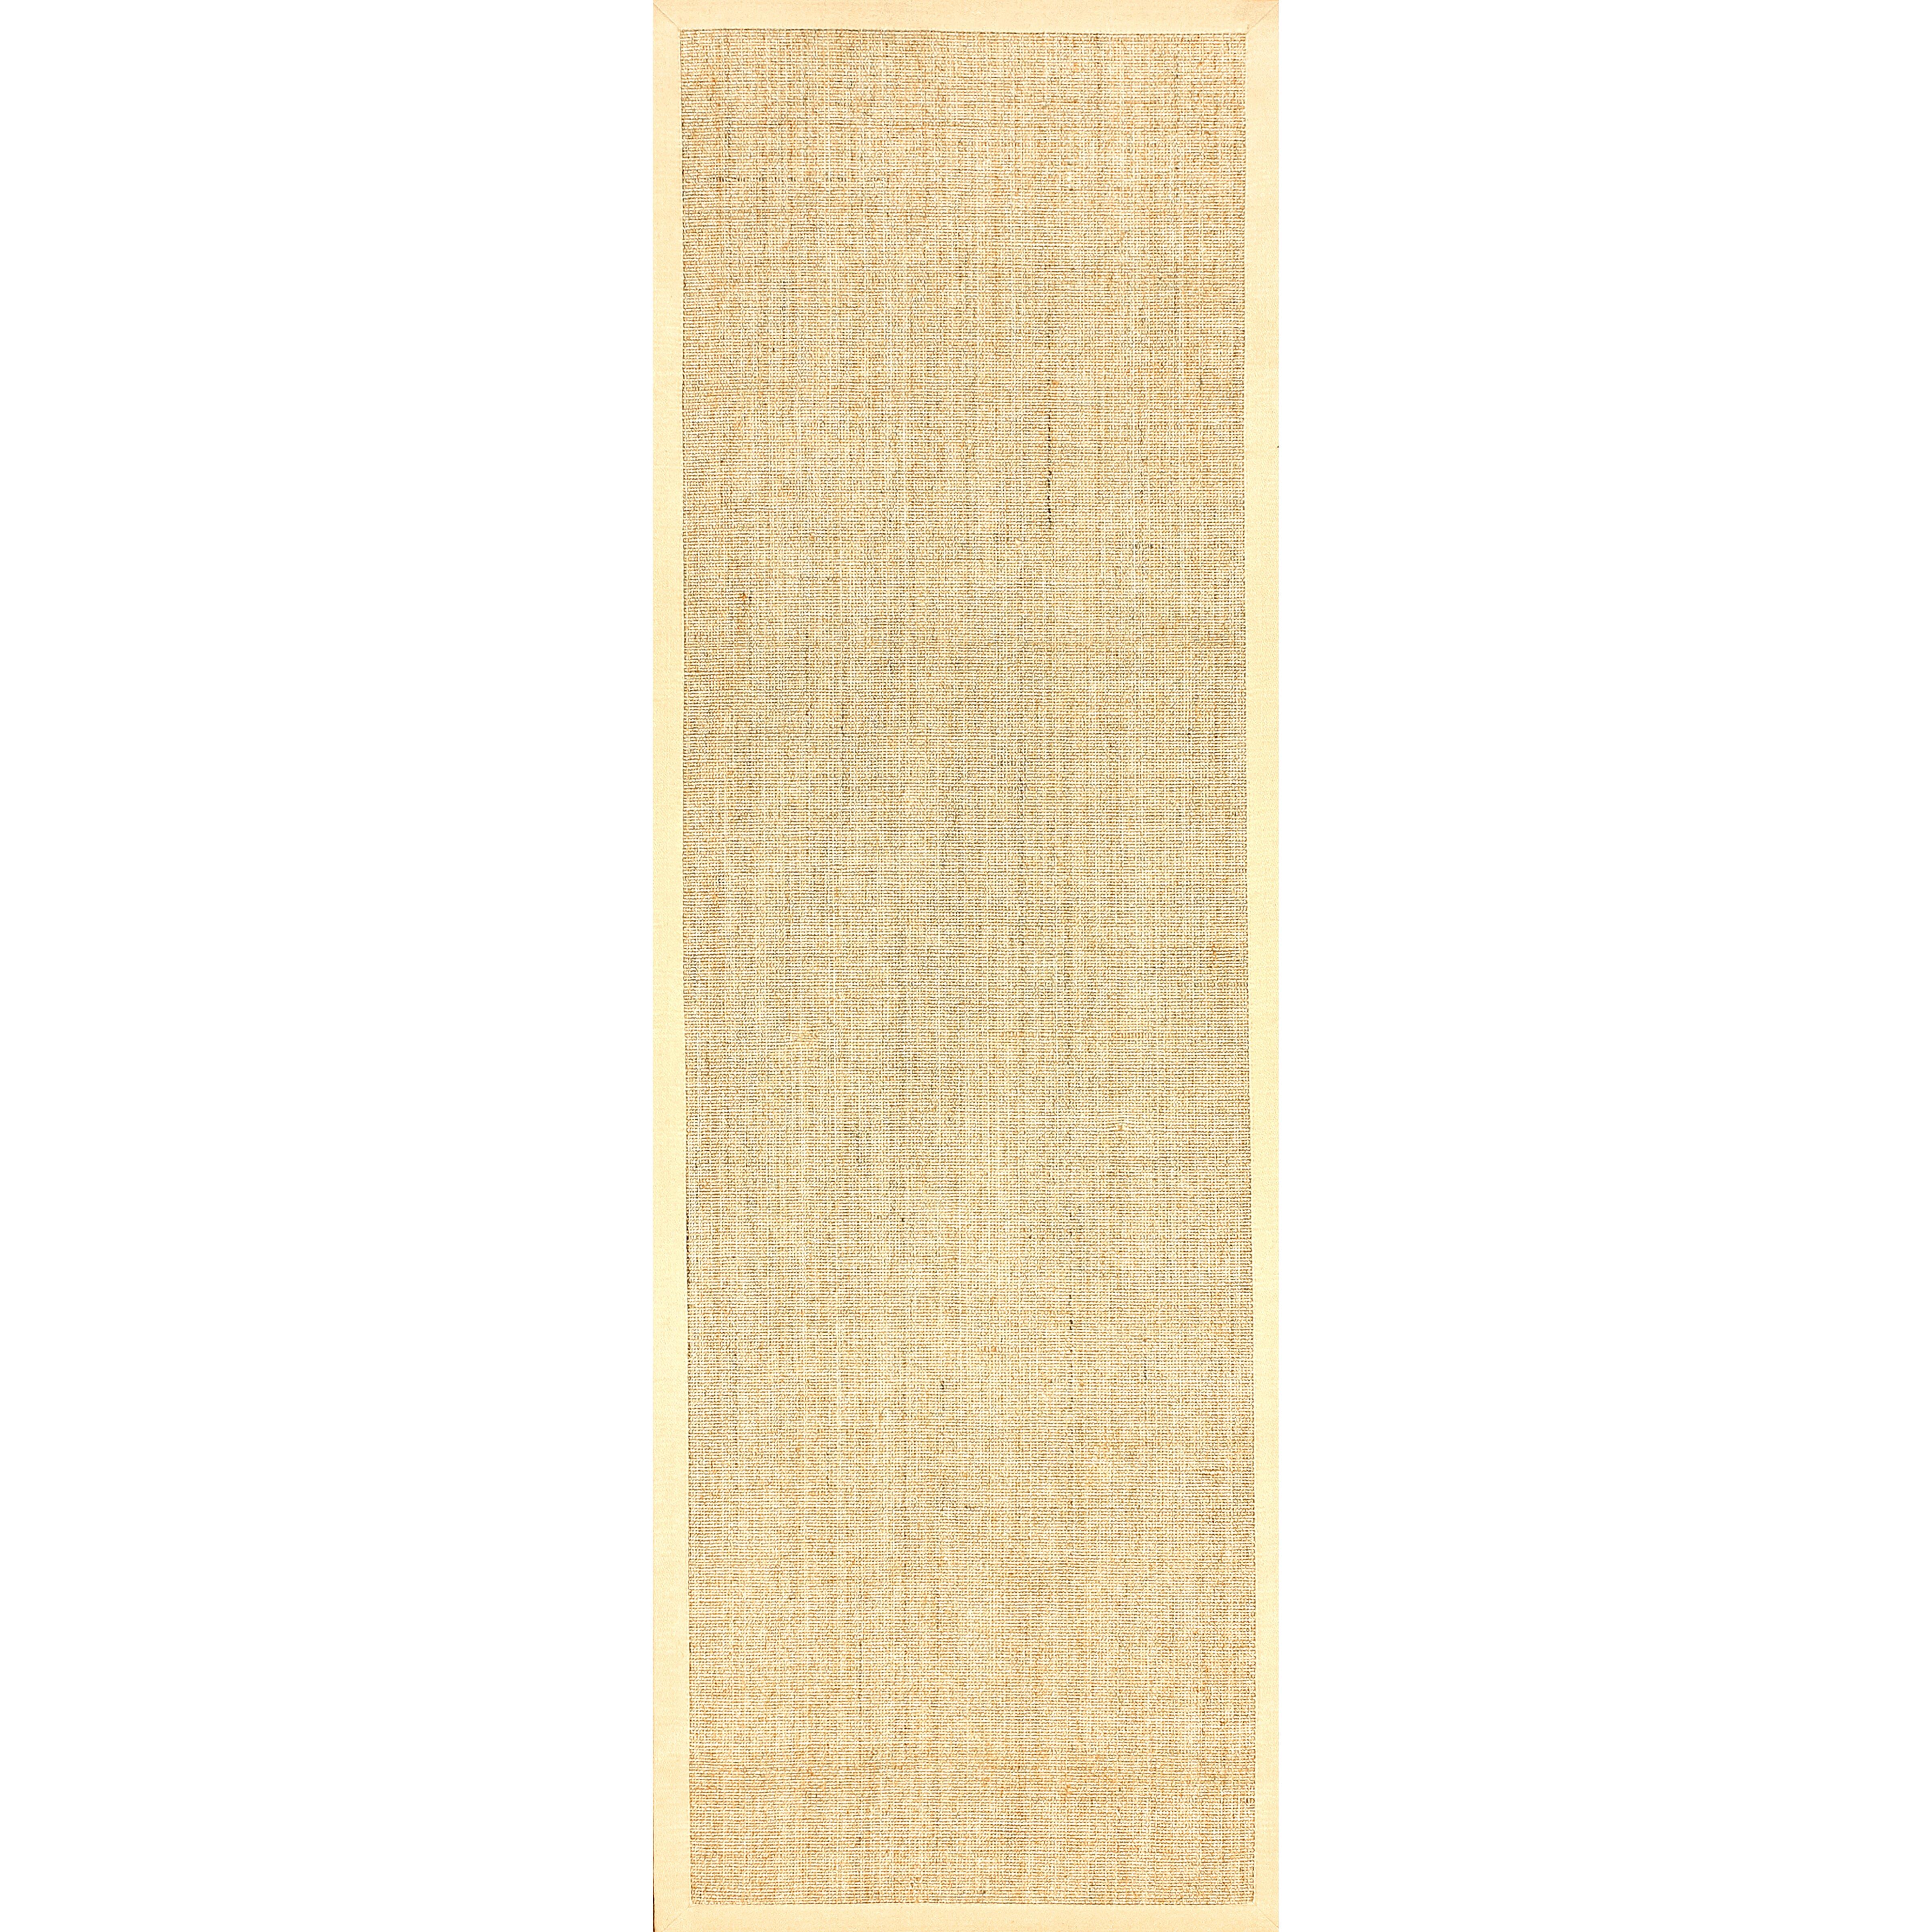 nuloom sisal sand beige border area rug reviews wayfair. Black Bedroom Furniture Sets. Home Design Ideas